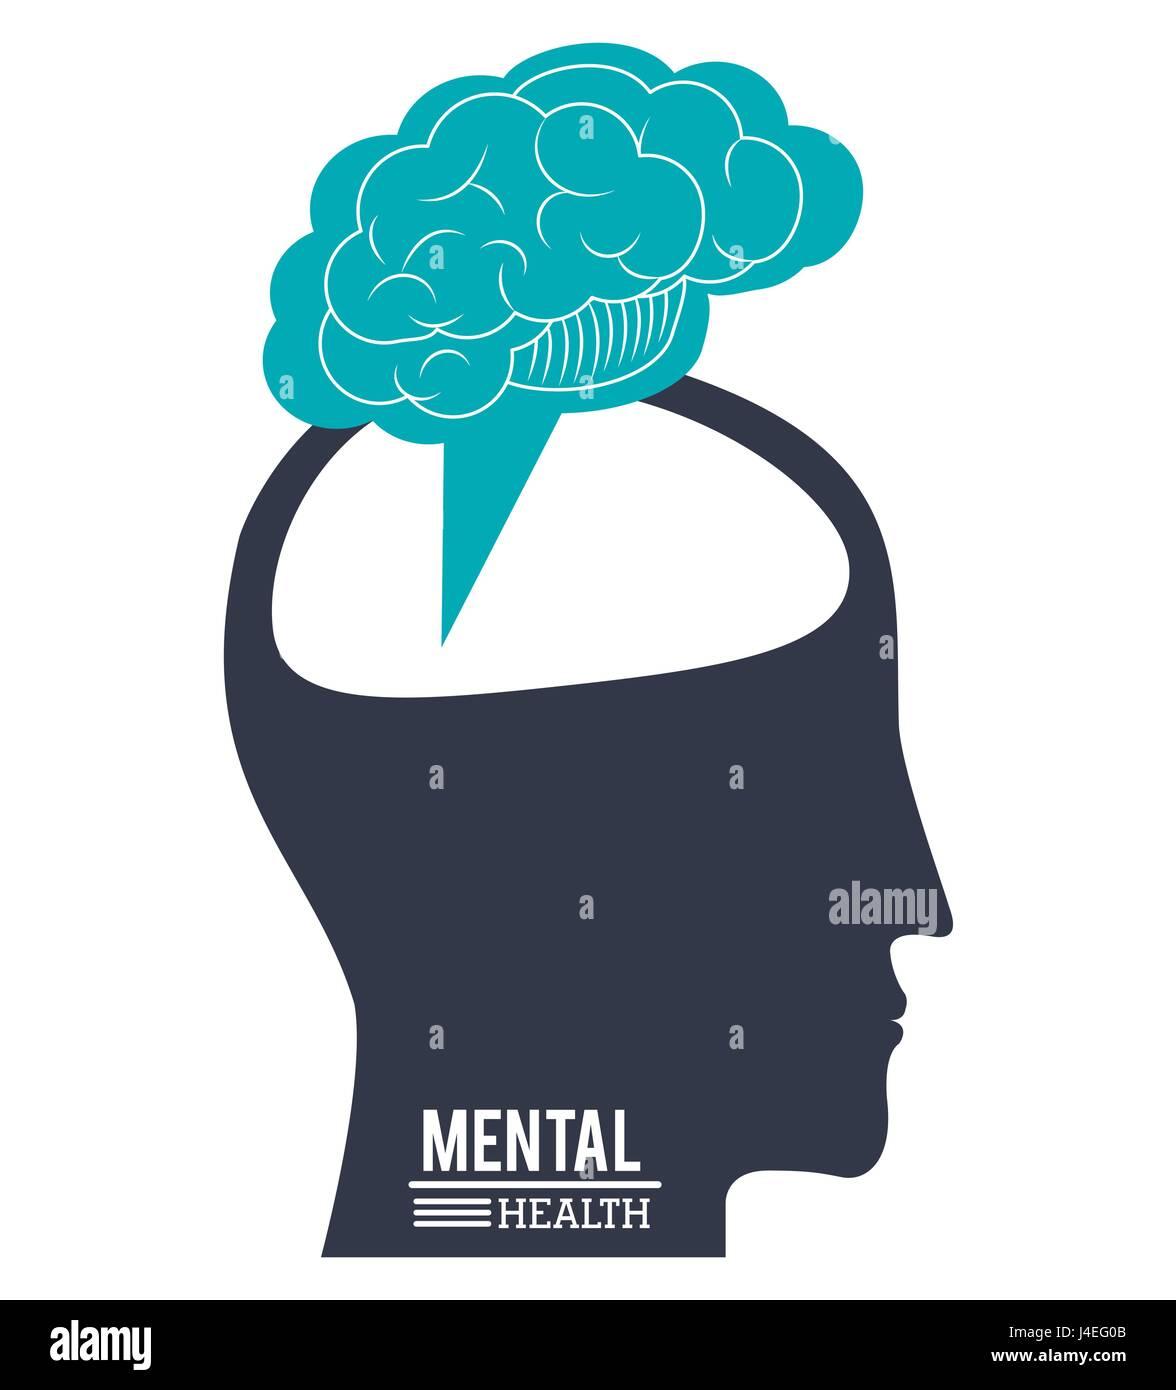 Testa umana cervello, salute mentale progressi innovazione design Immagini Stock